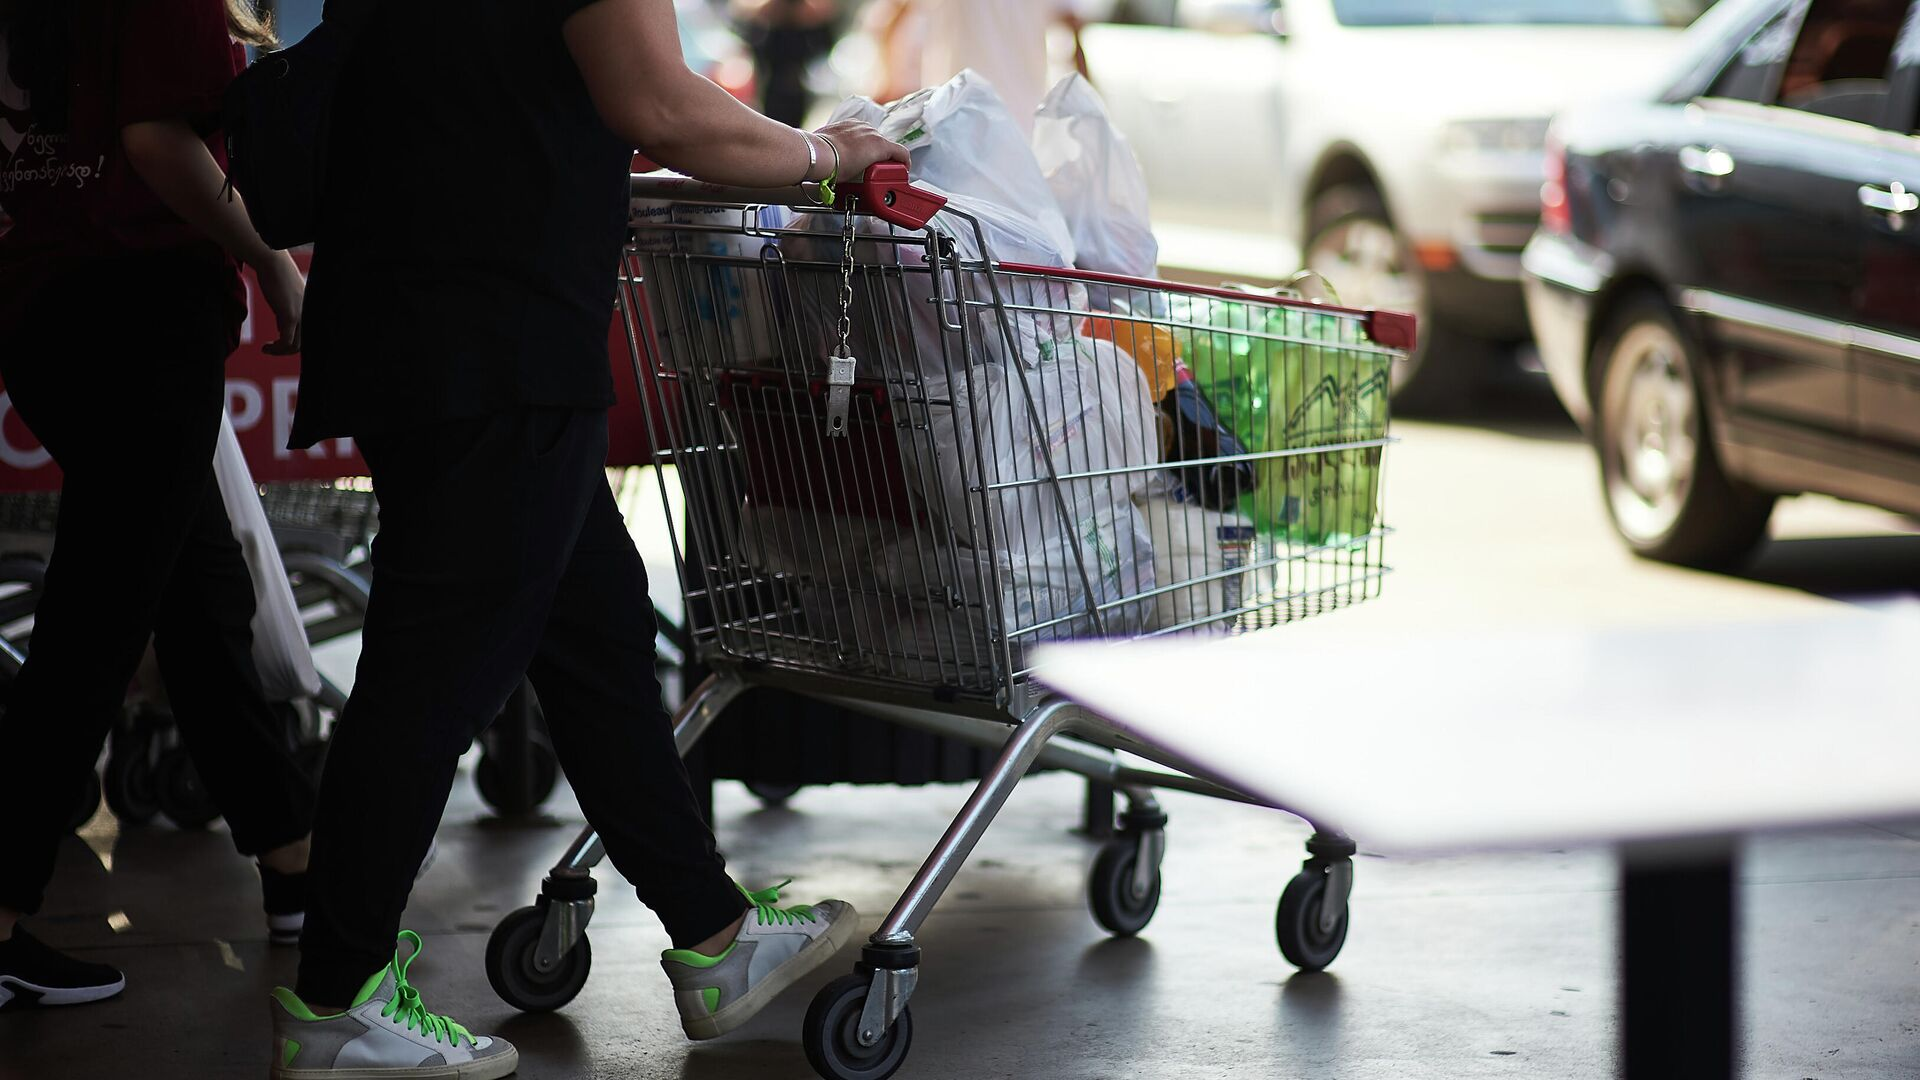 Покупатели в супермаркете - мужчина выкатывает тележку с продуктами - Sputnik Грузия, 1920, 25.09.2021